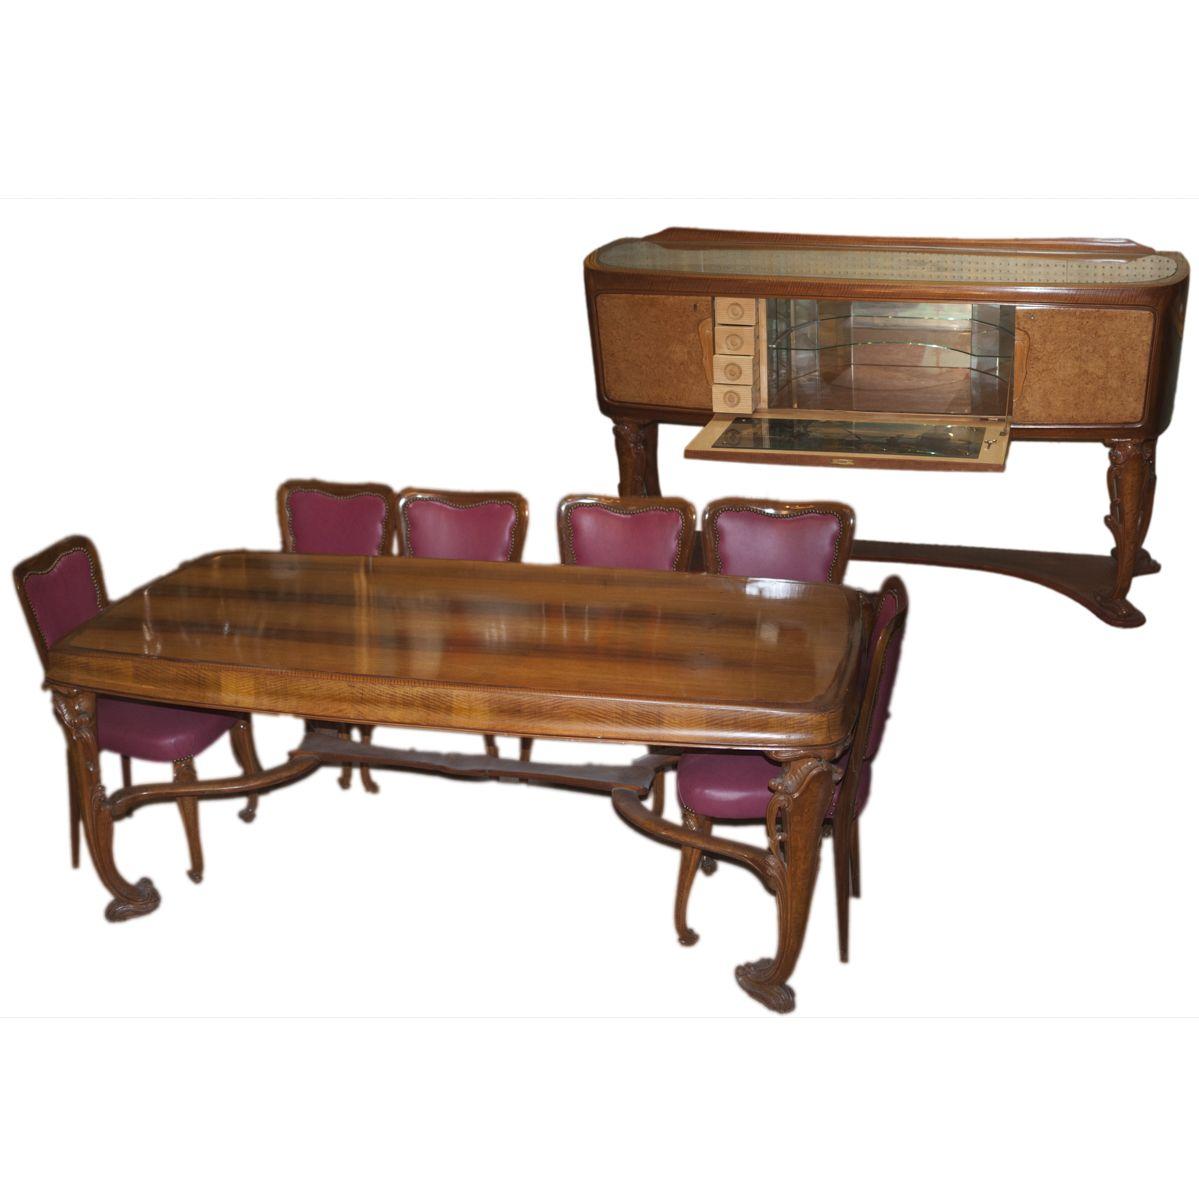 Pleasant Description Art Nouveau Dining Room Set Featuring A Large Uwap Interior Chair Design Uwaporg